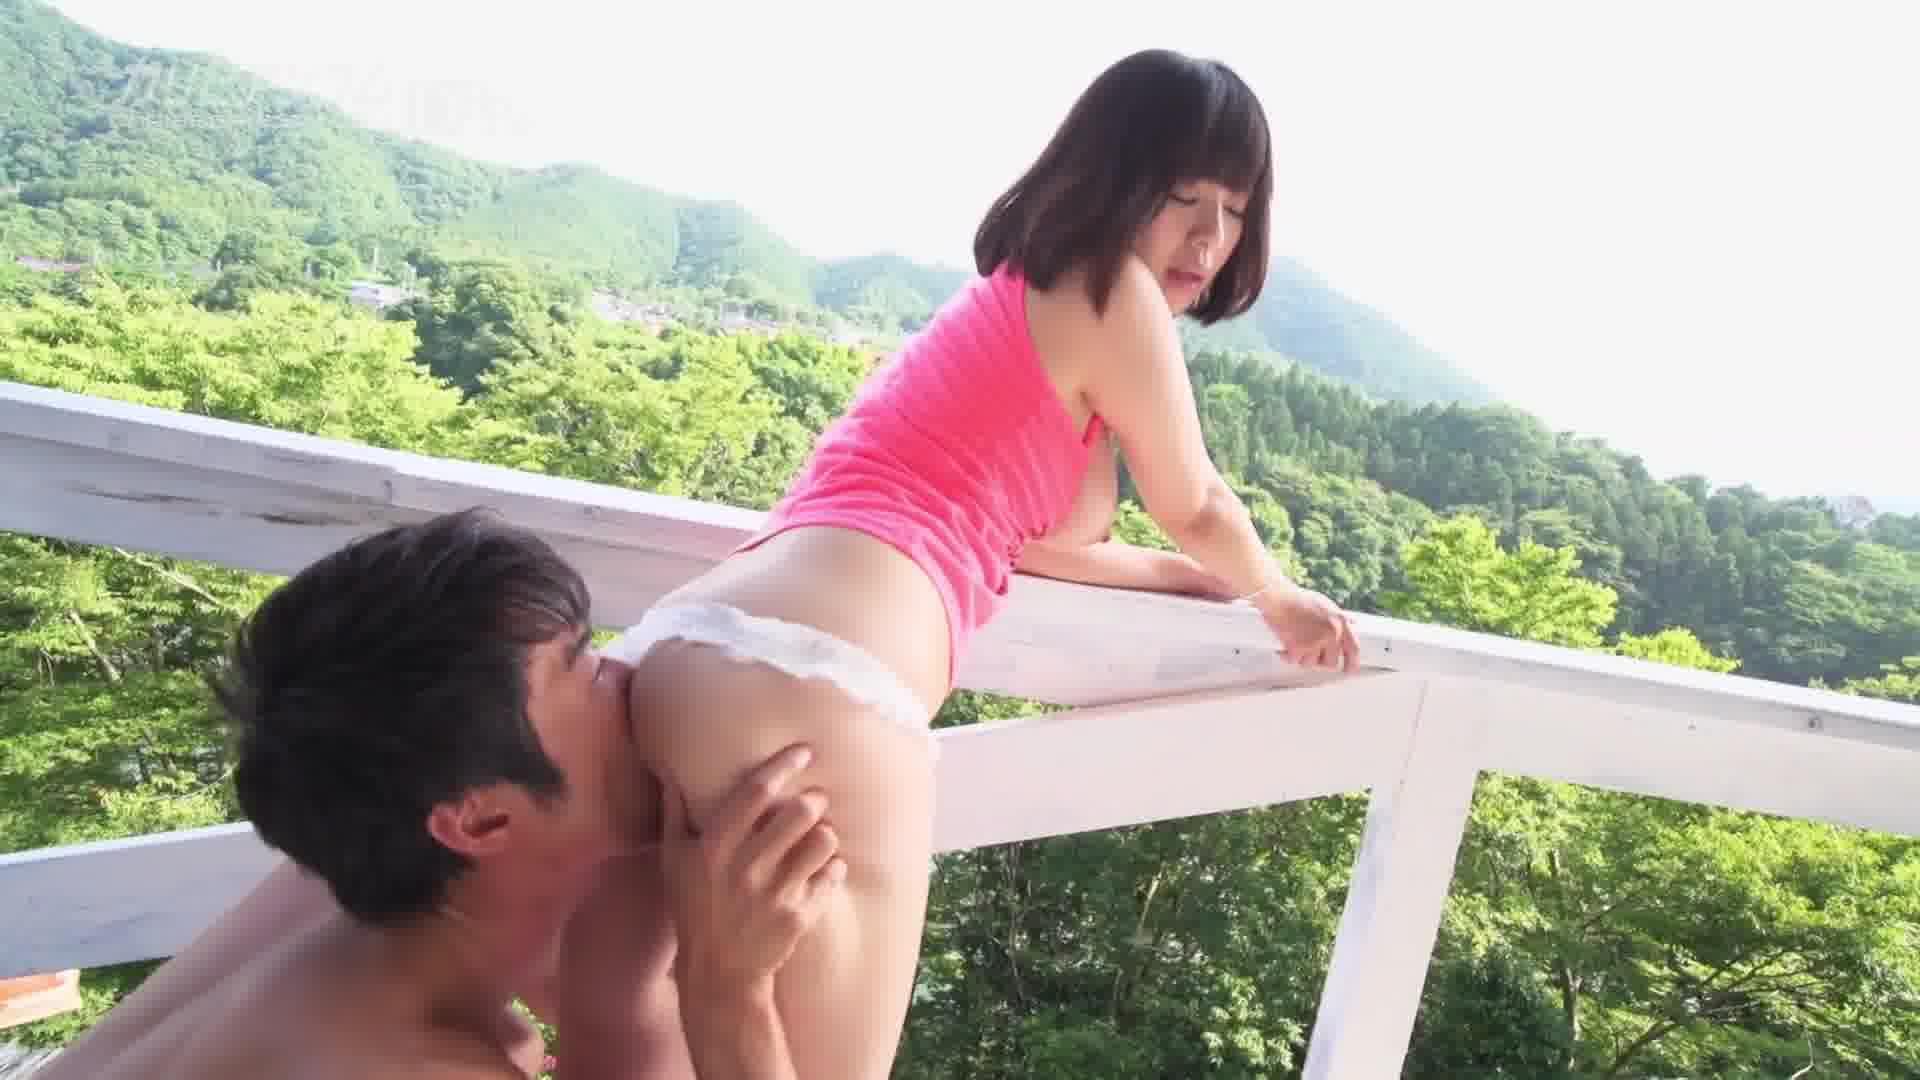 巨乳ファッションモデル青空姦 - 尾上若葉【巨乳・パイズリ・中出し】